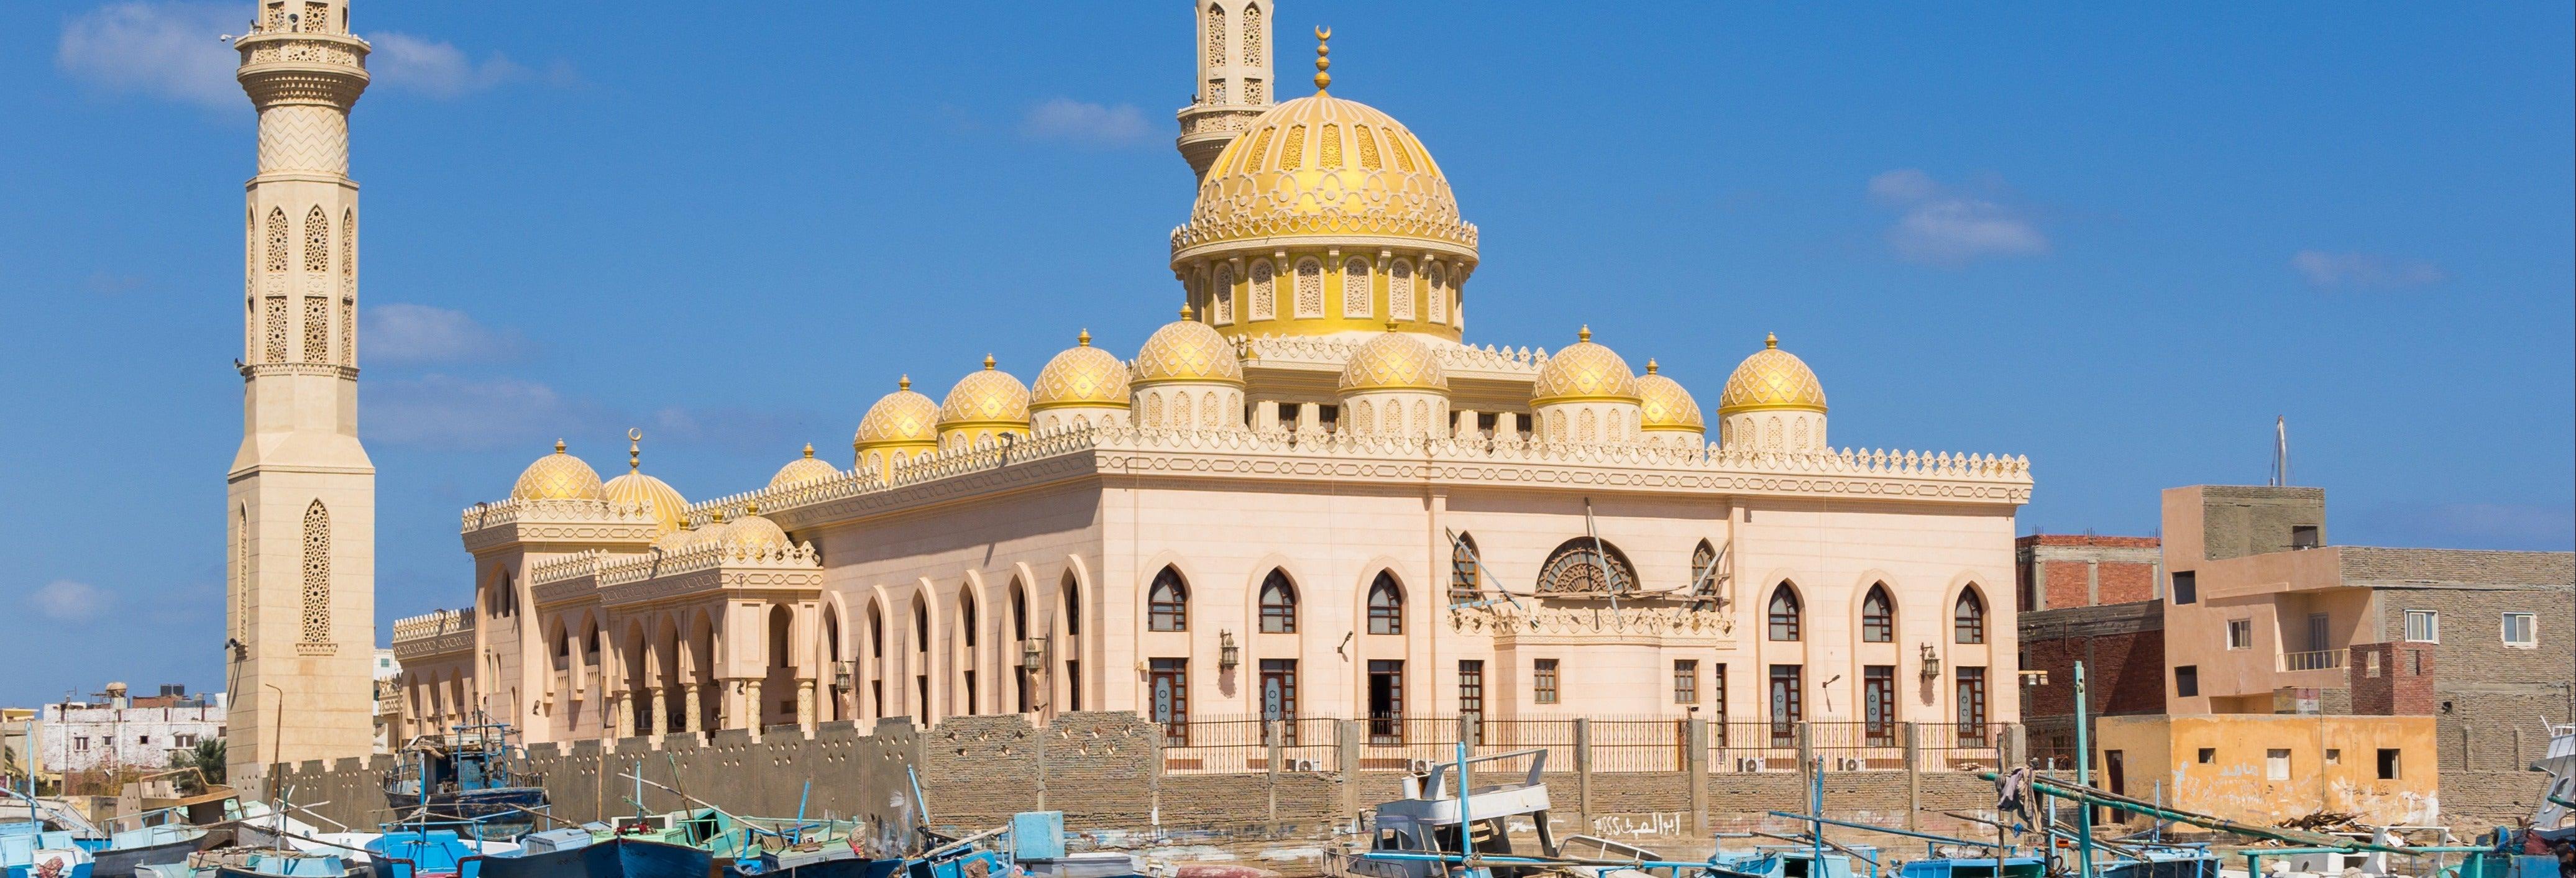 Visite guidée dans Hurghada